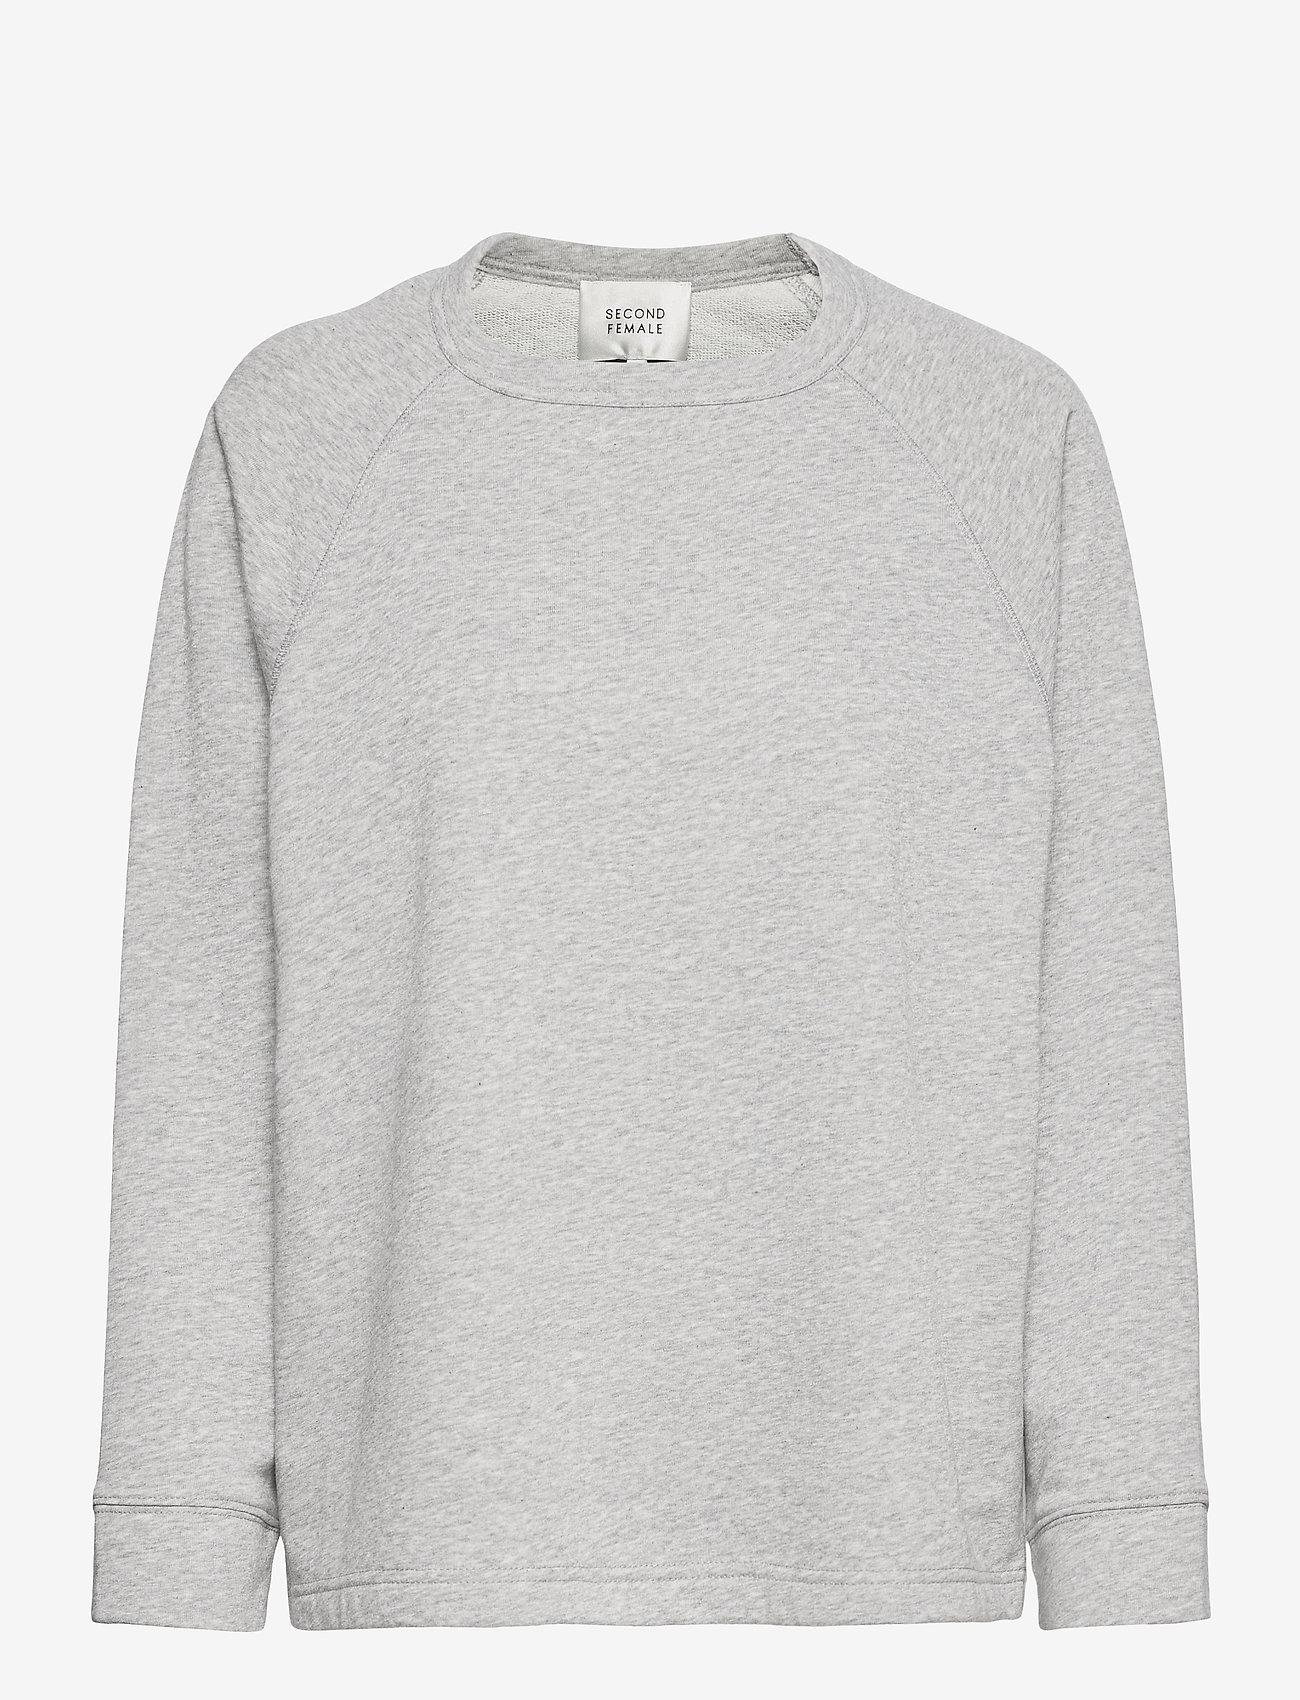 Second Female - Osaka Sweat - sweatshirts - grey melange - 1